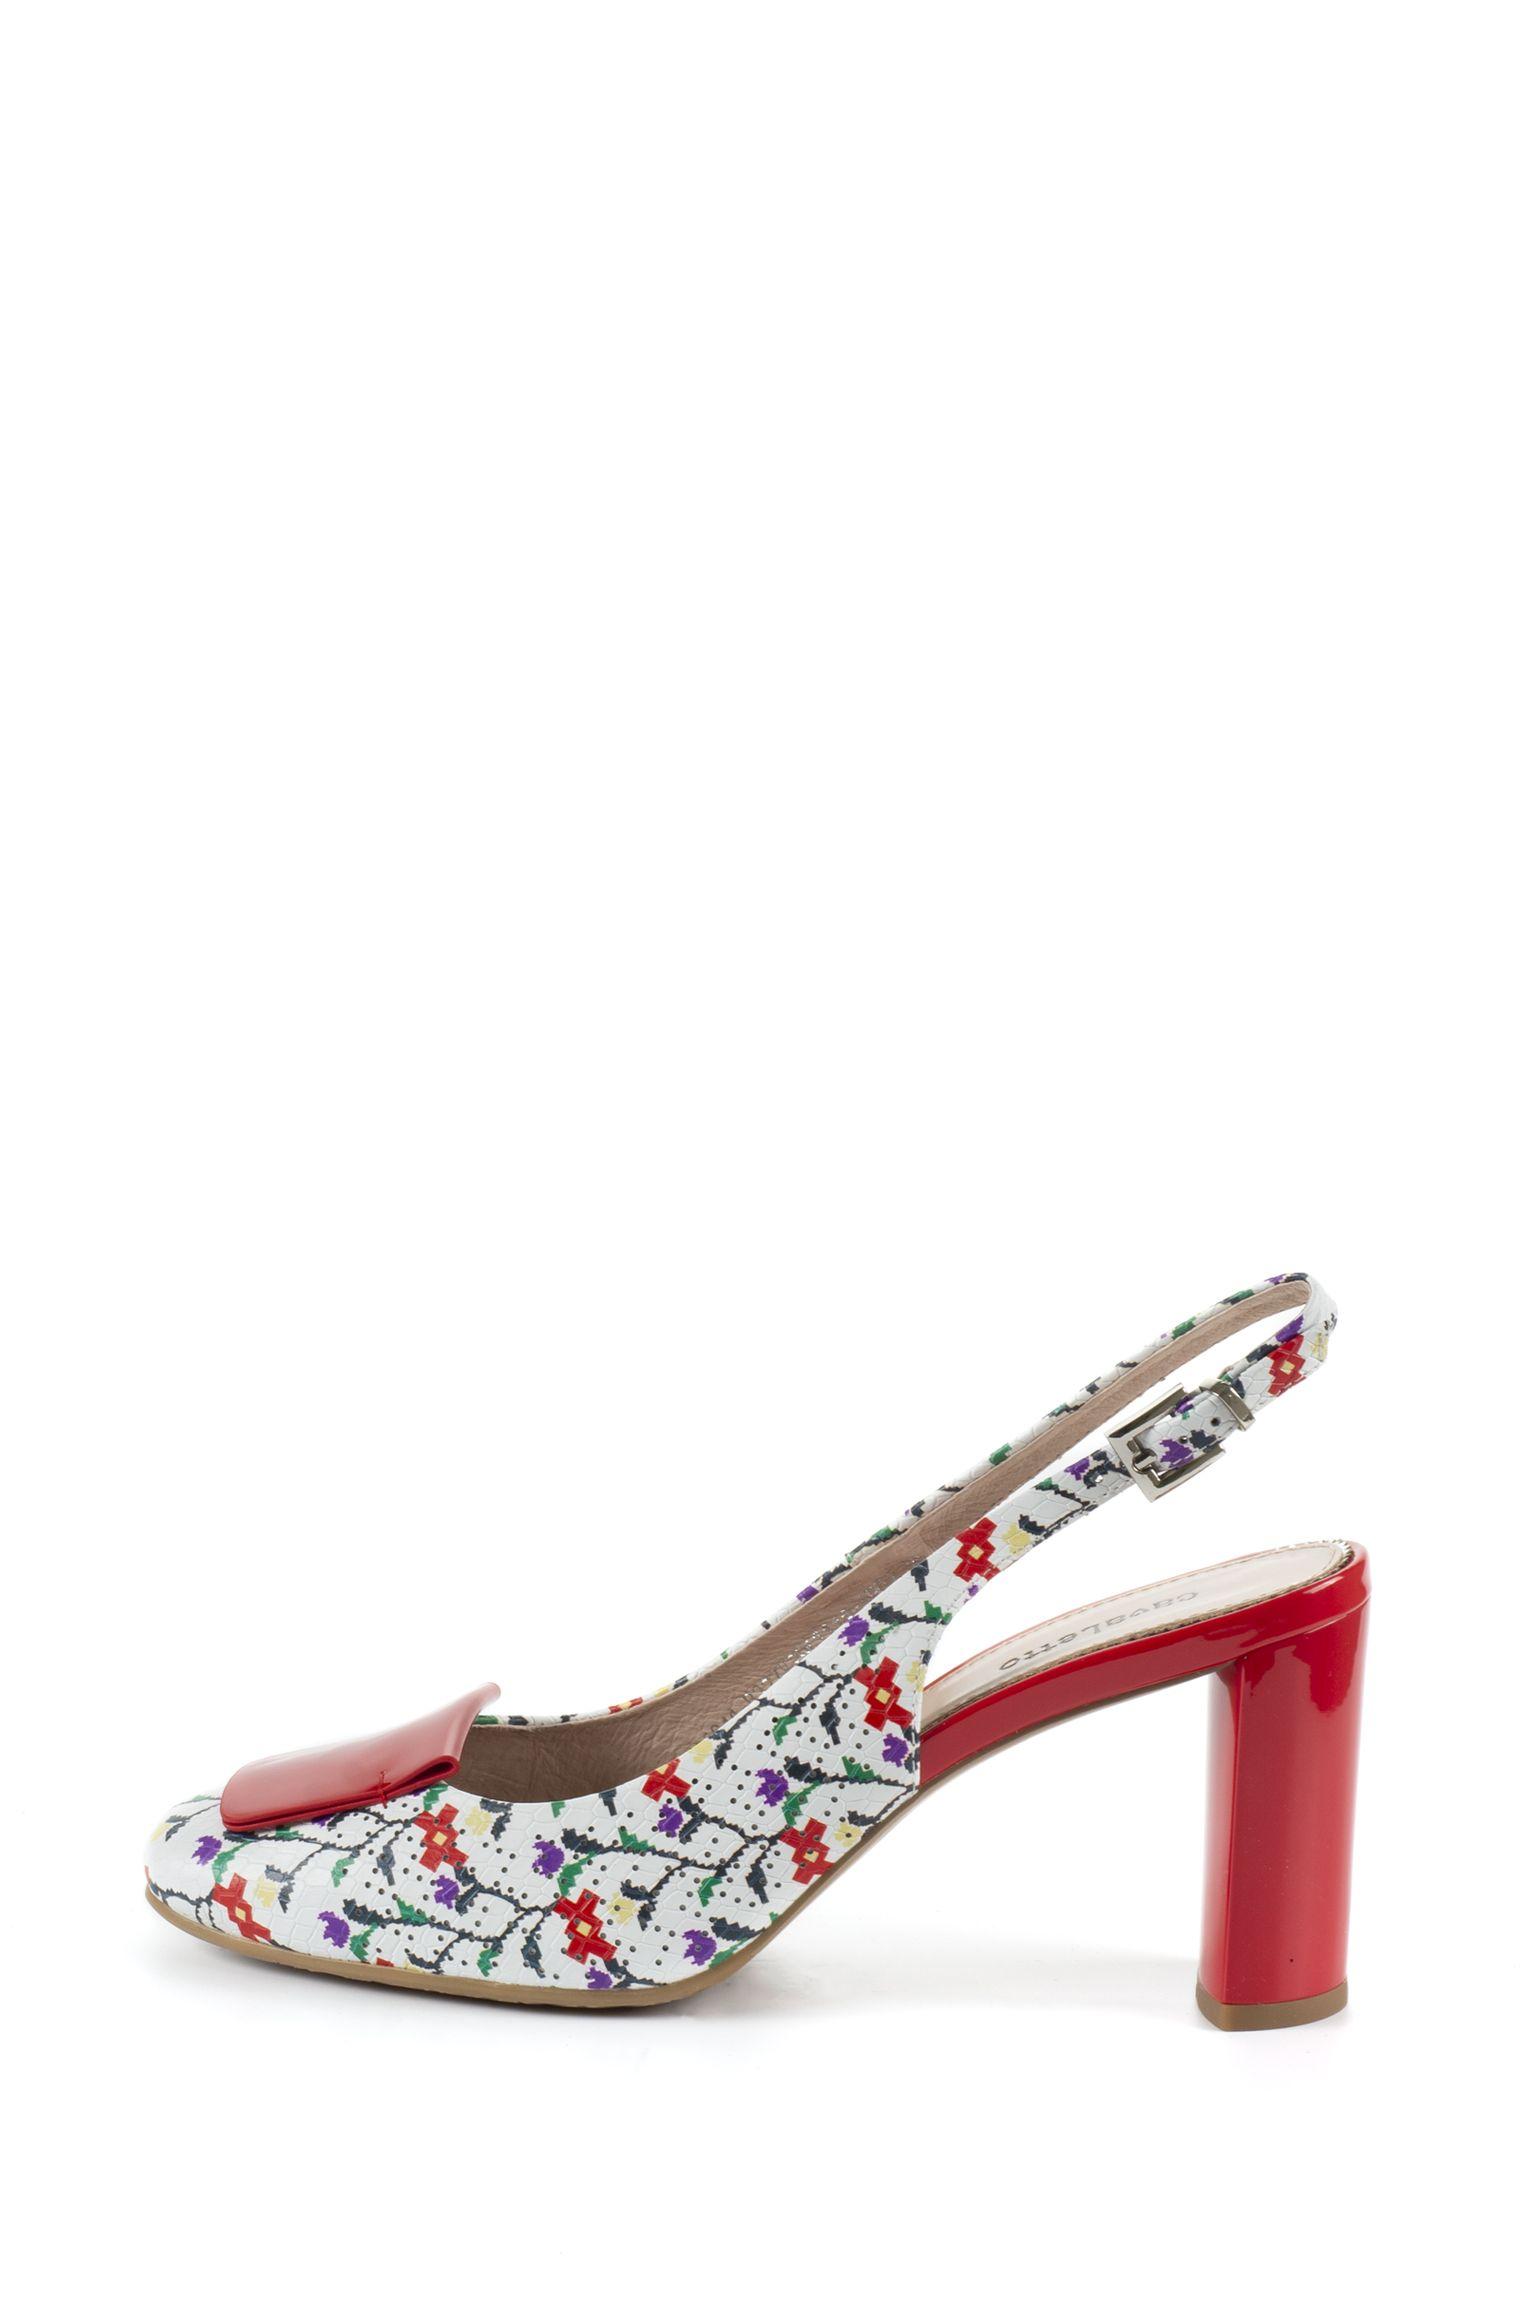 Обувь Женская Кавалетто Интернет Магазин